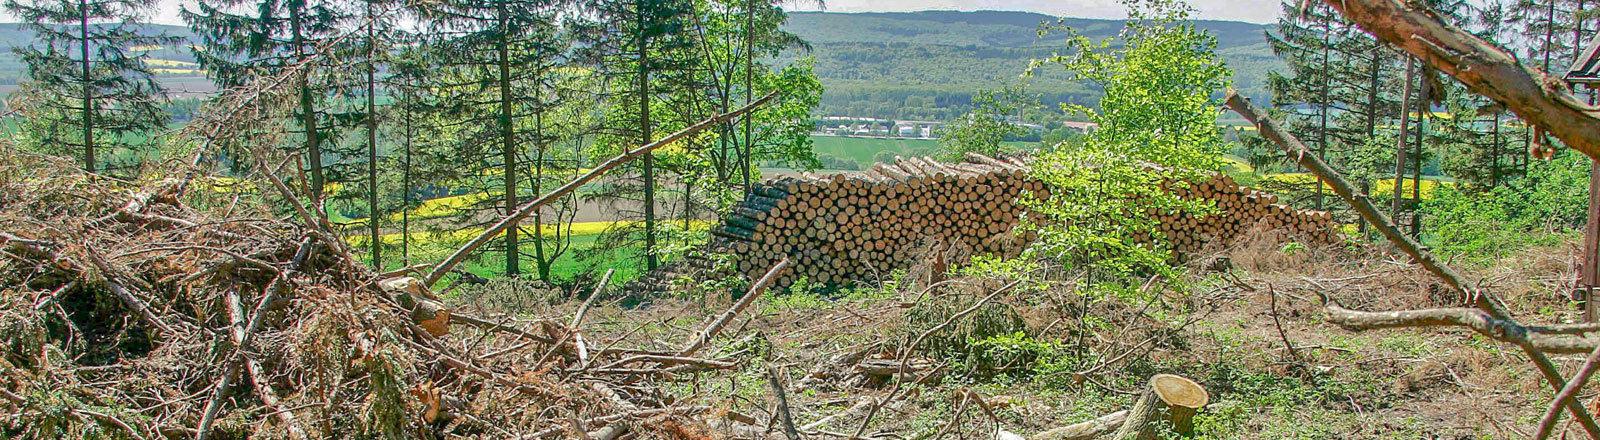 Fichtenwald Ein Fichtenwald mit vielen umgeknickten Bäumen. Hier in der Gemarkung Hachmuehlen im Deister bei Hameln am 29.04.2007.